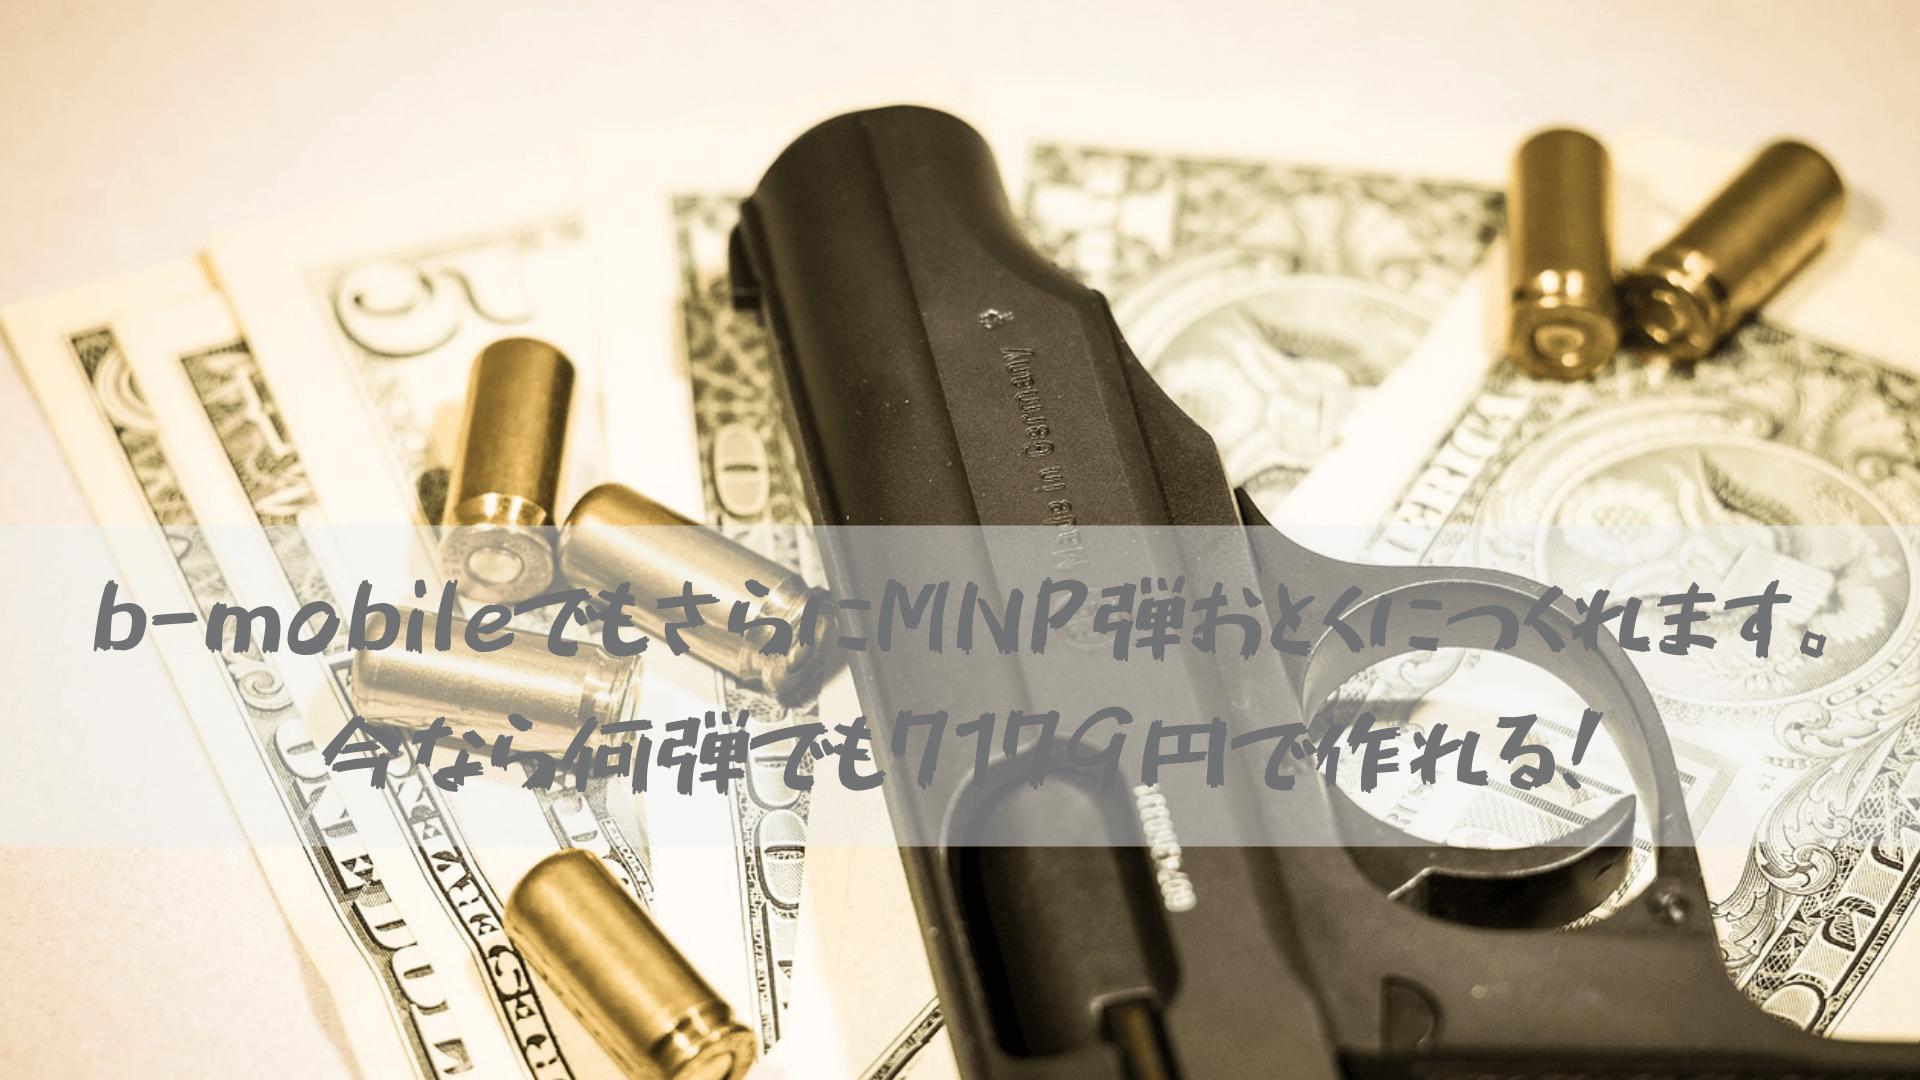 b-mobileでもさらにMNP弾おとくにつくれます。今なら何弾でも7179円で作れる!